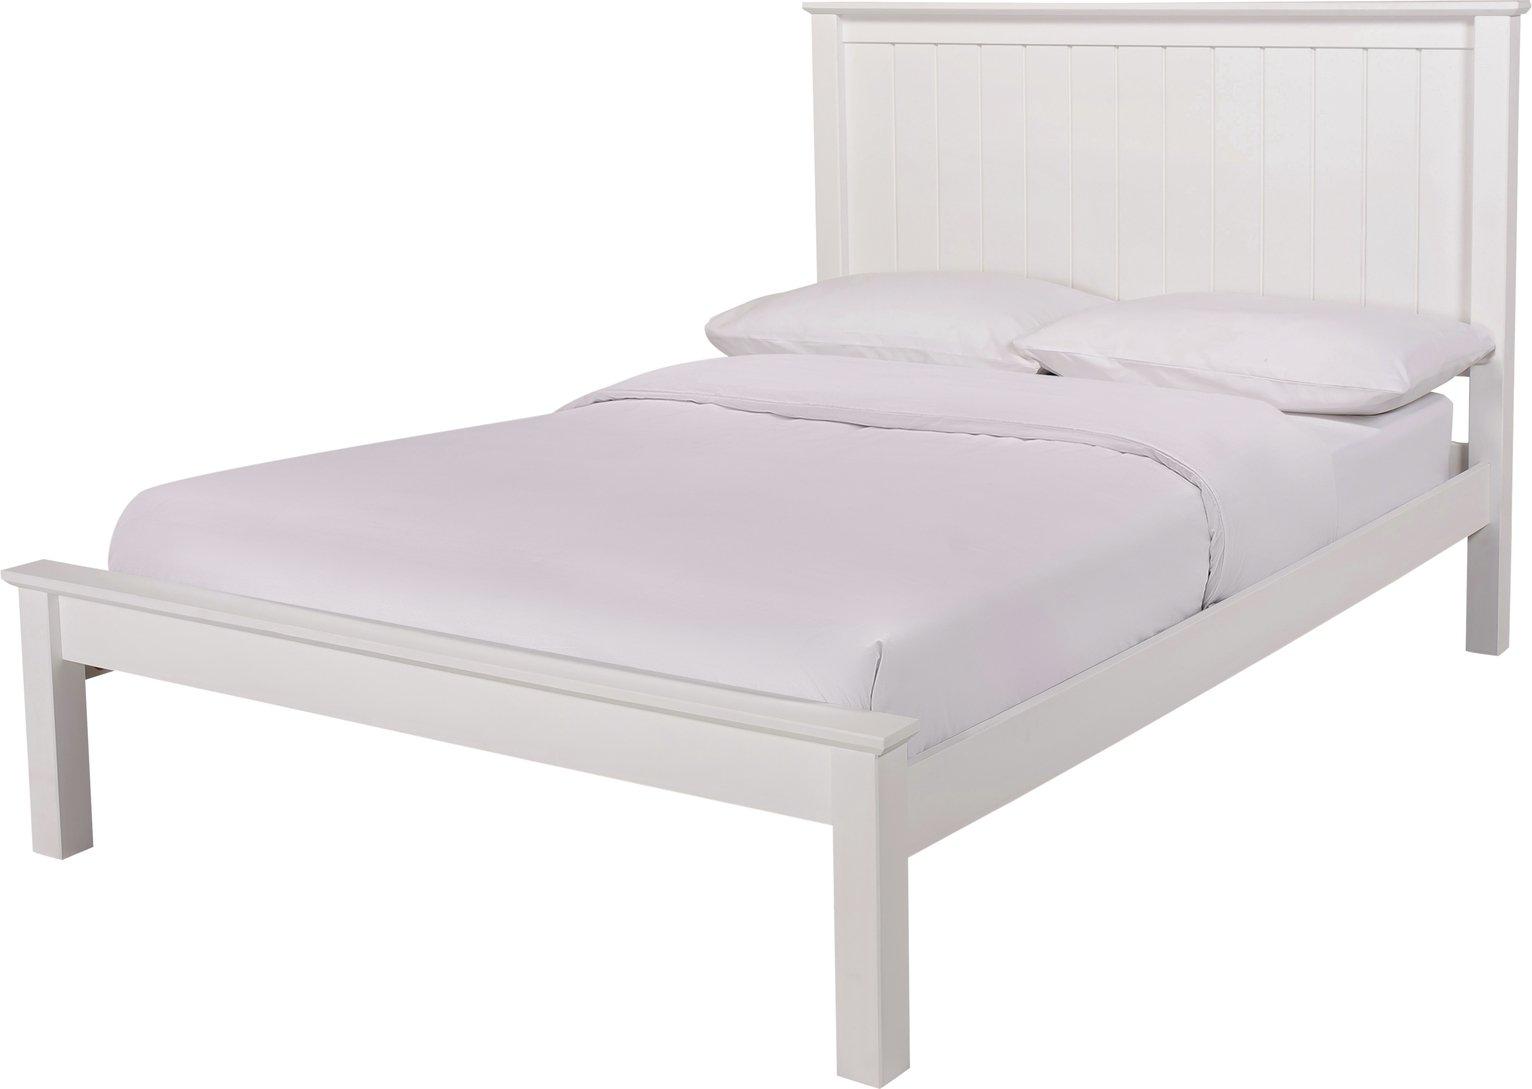 Argos Home Grafton Double Bed Frame - White